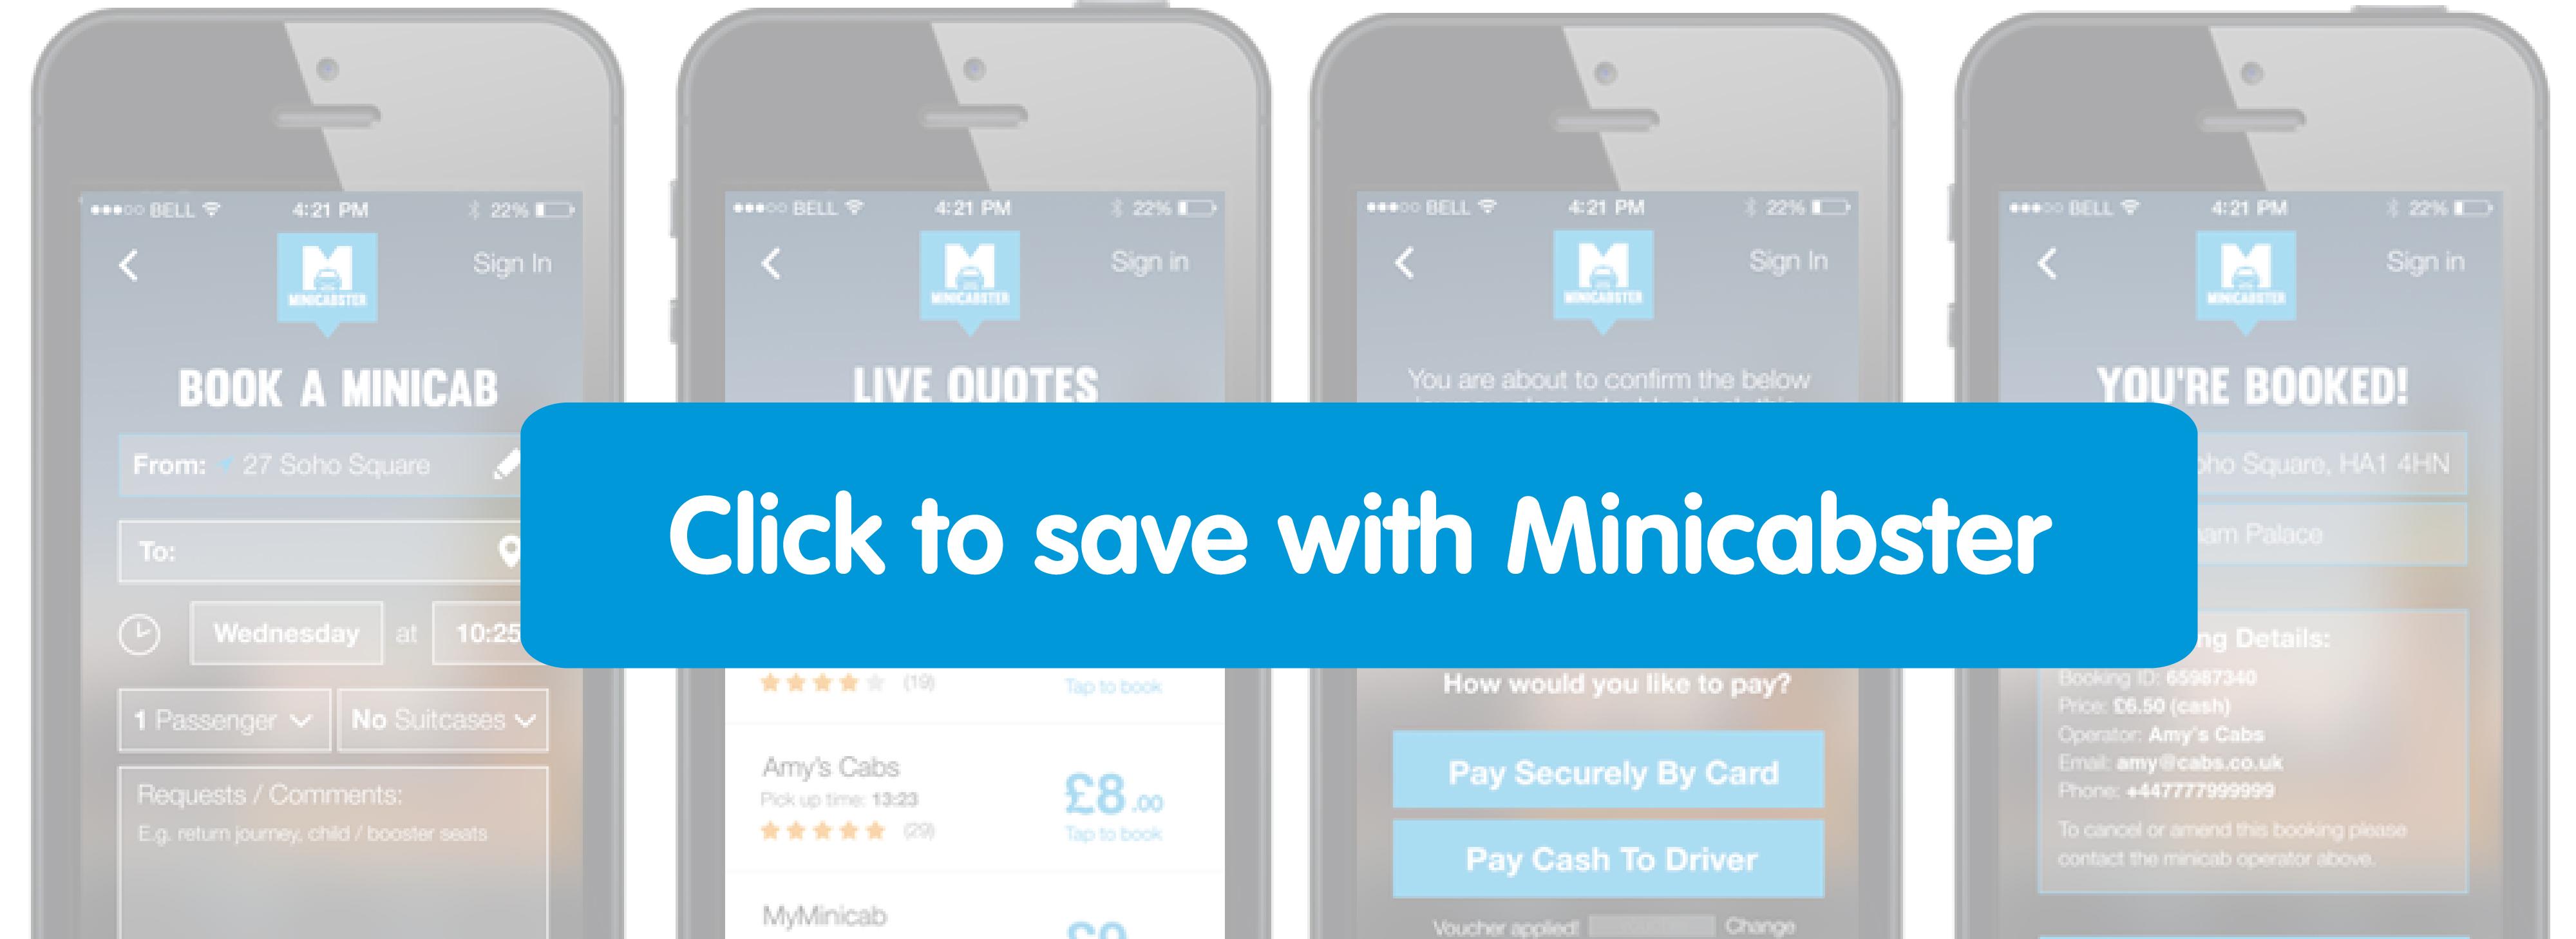 minicabster-voucher-code